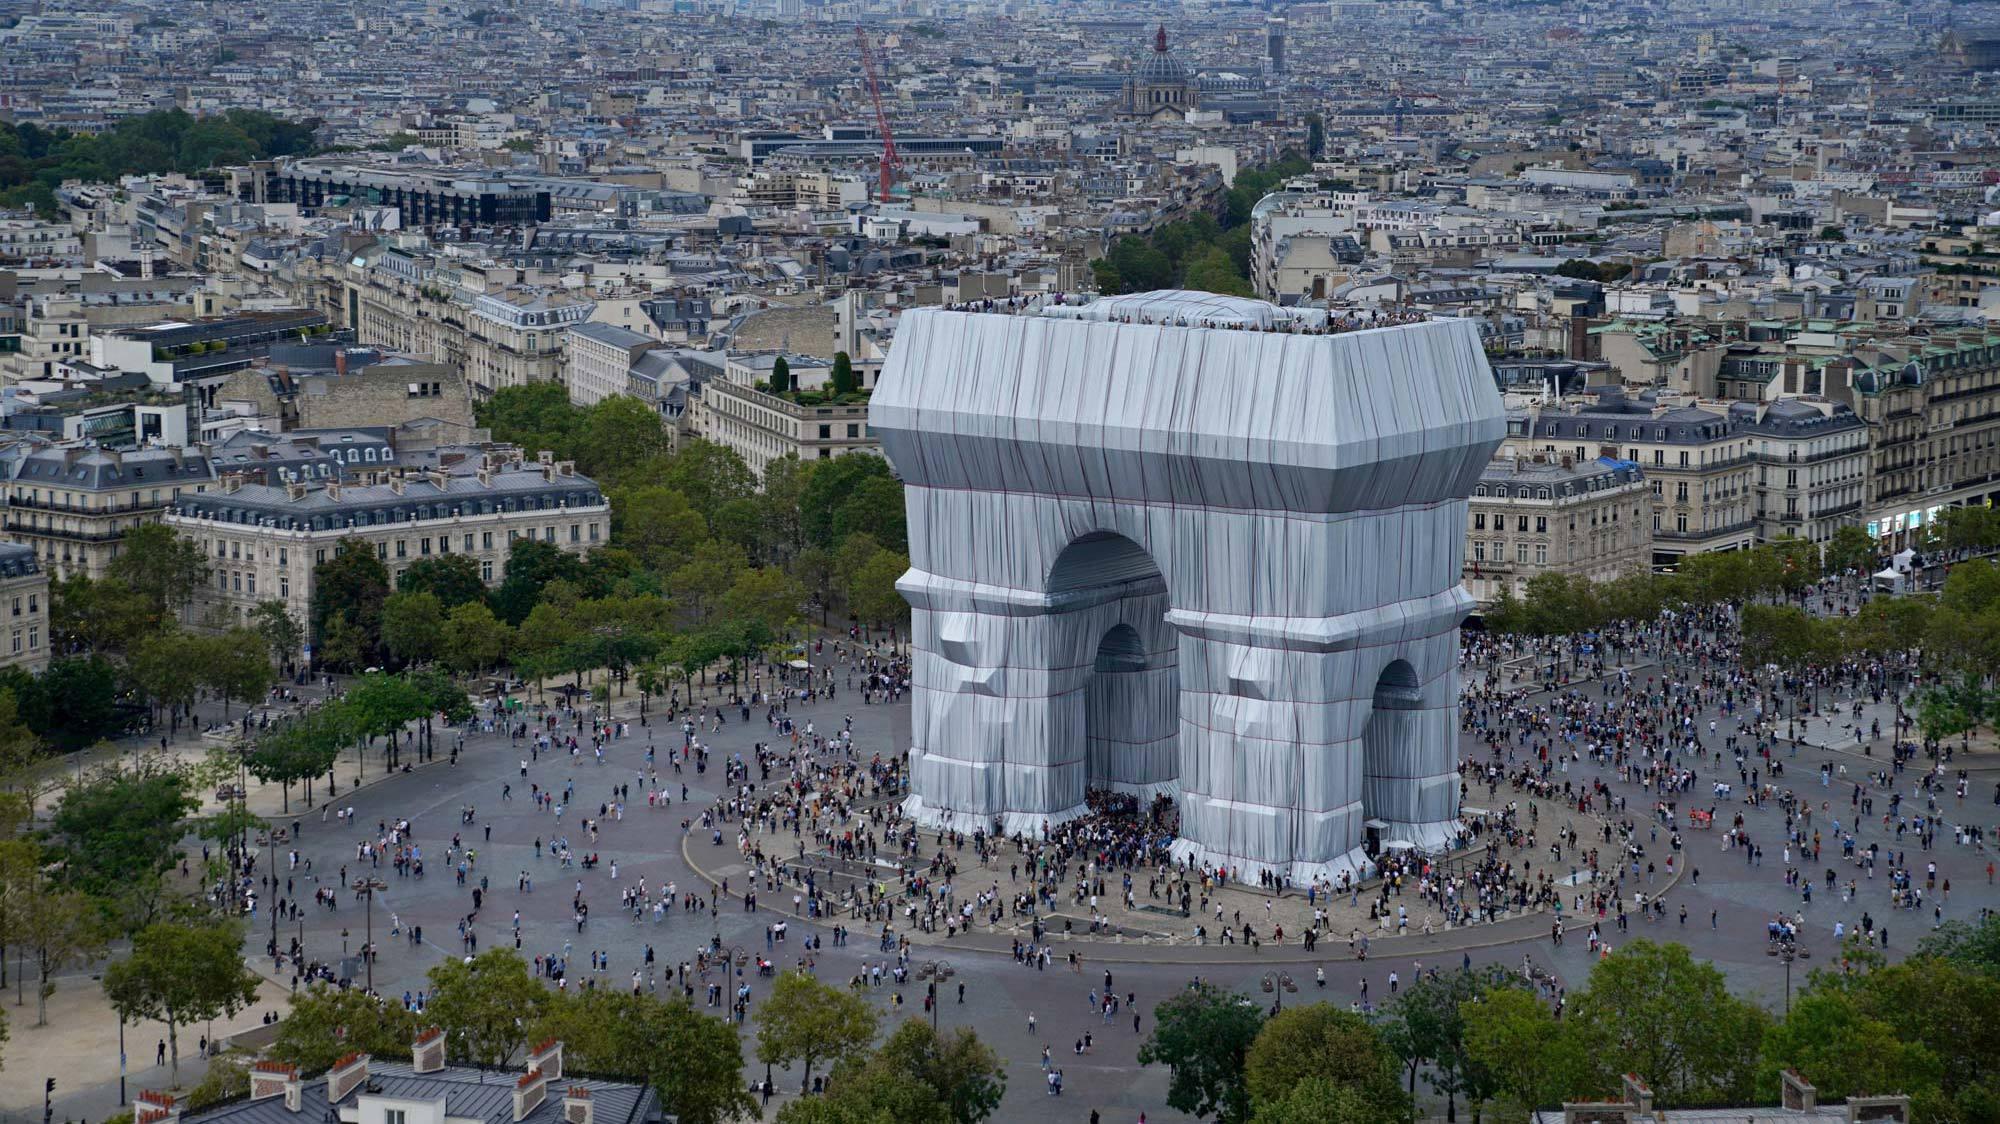 Christos verhüllter Triumphbogen in Paris